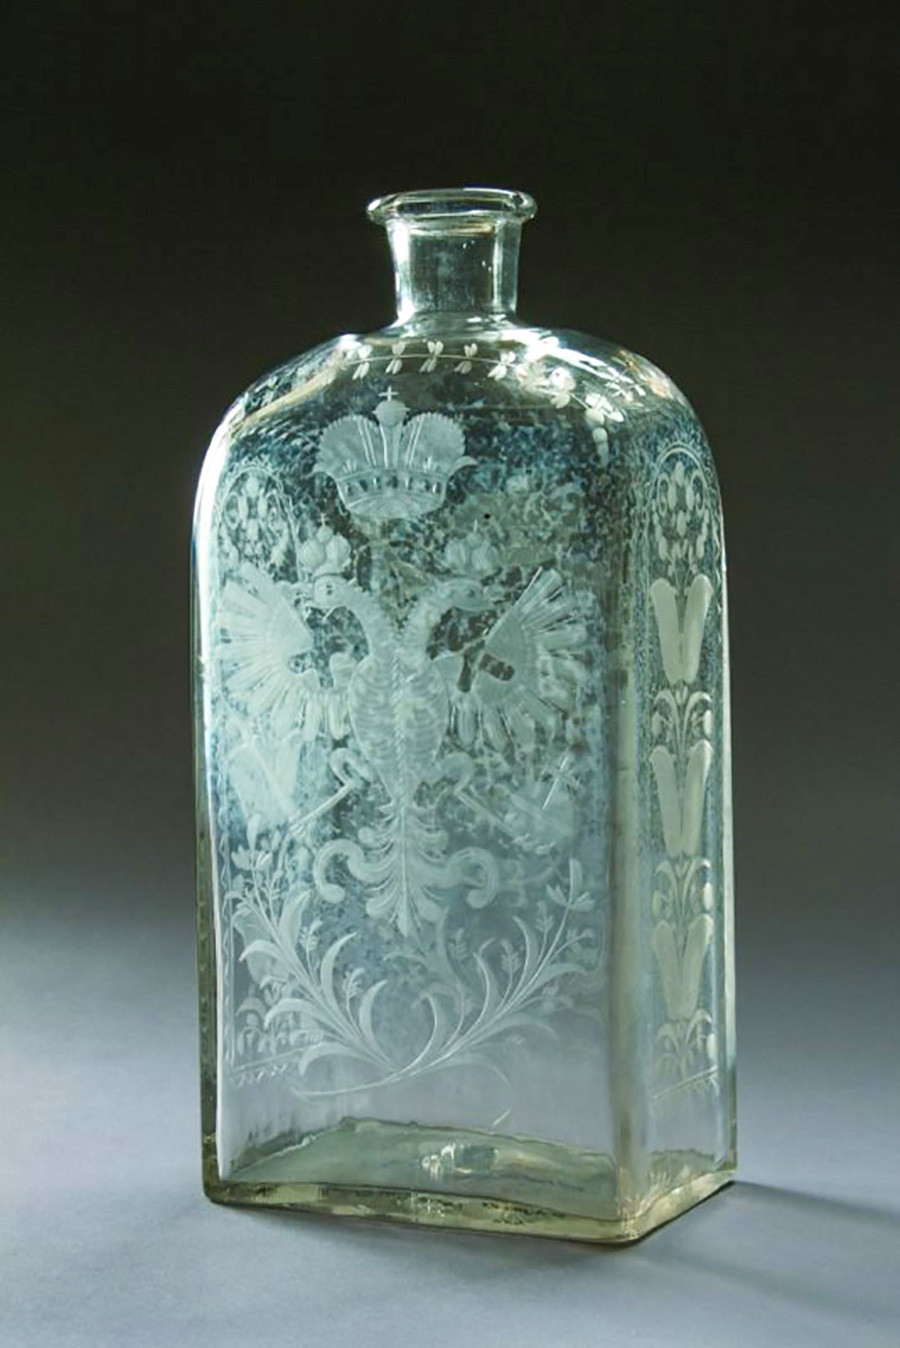 Средата на XVIII в. Безцветно стъкло, матово гравиране. Петербургски завод